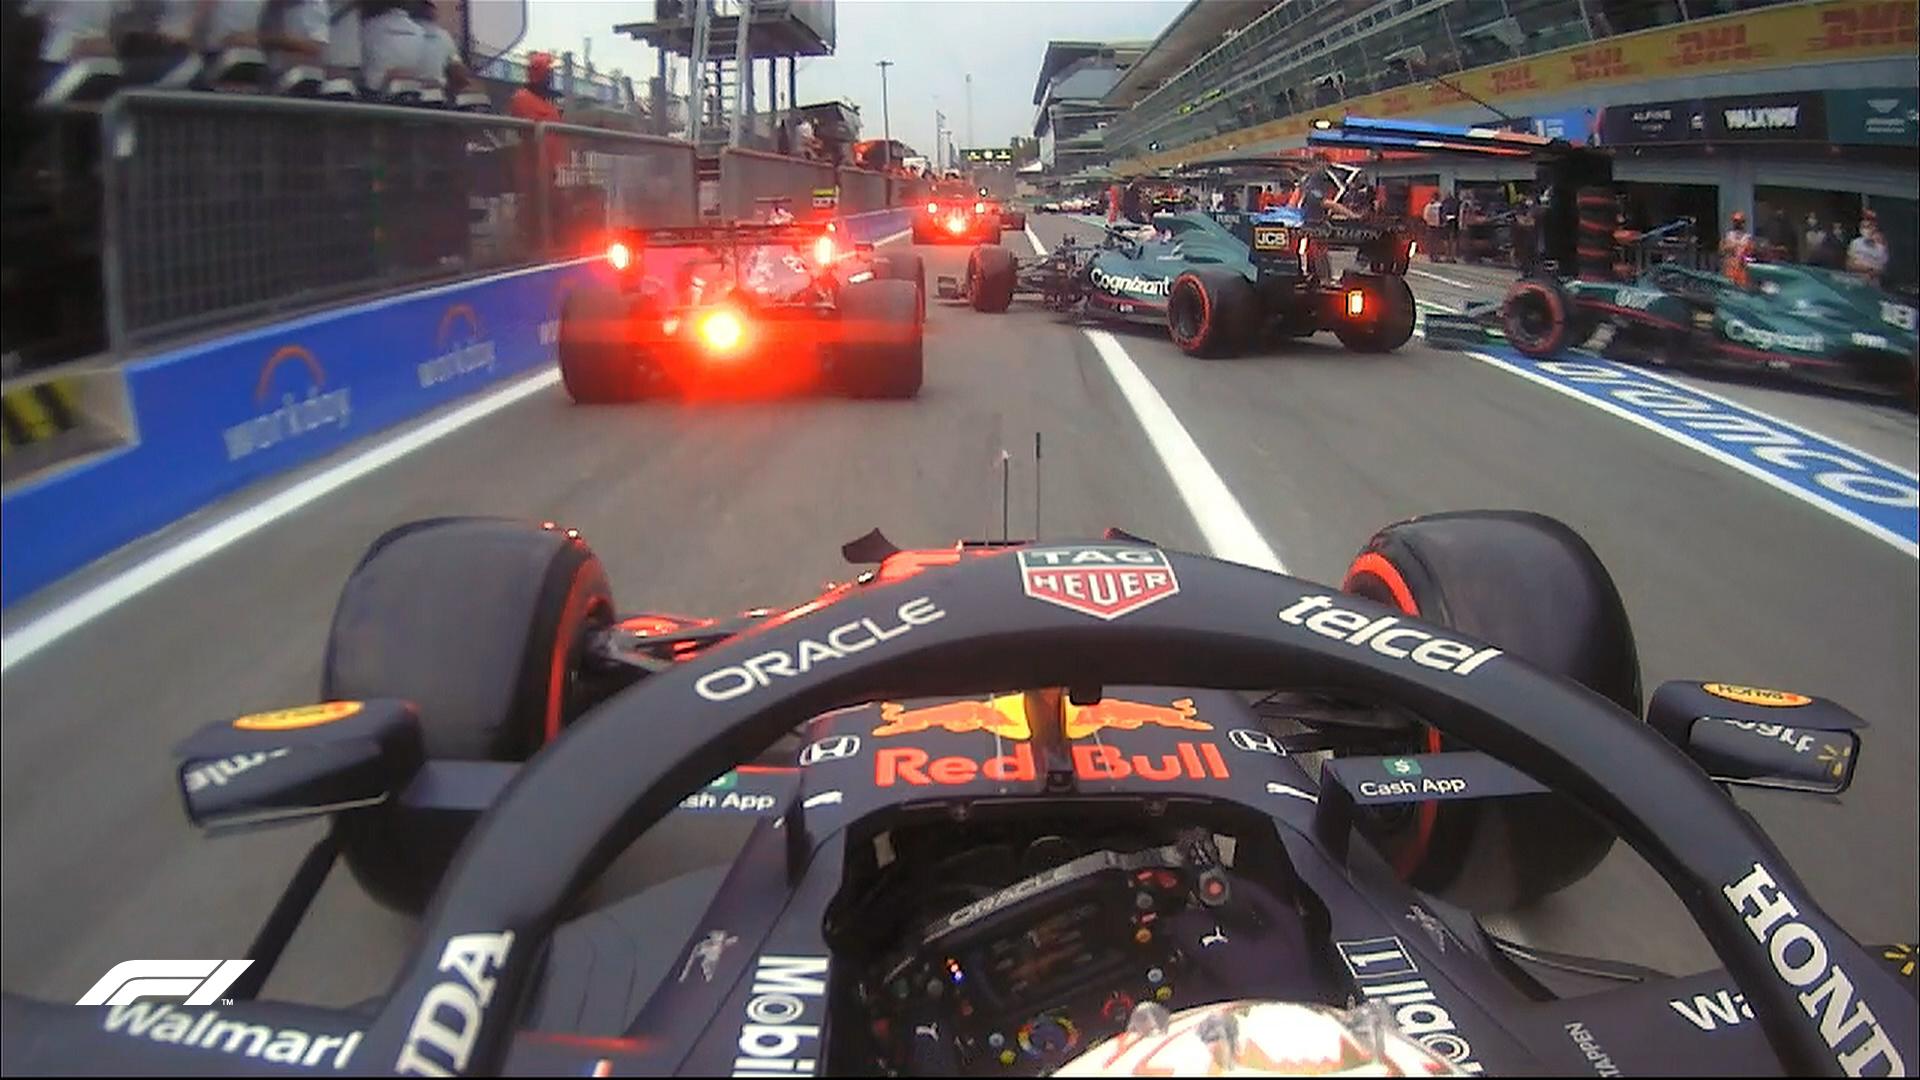 Tłok w alei serwisowej podczas kwalifikacji przed Grand Prix Włoch